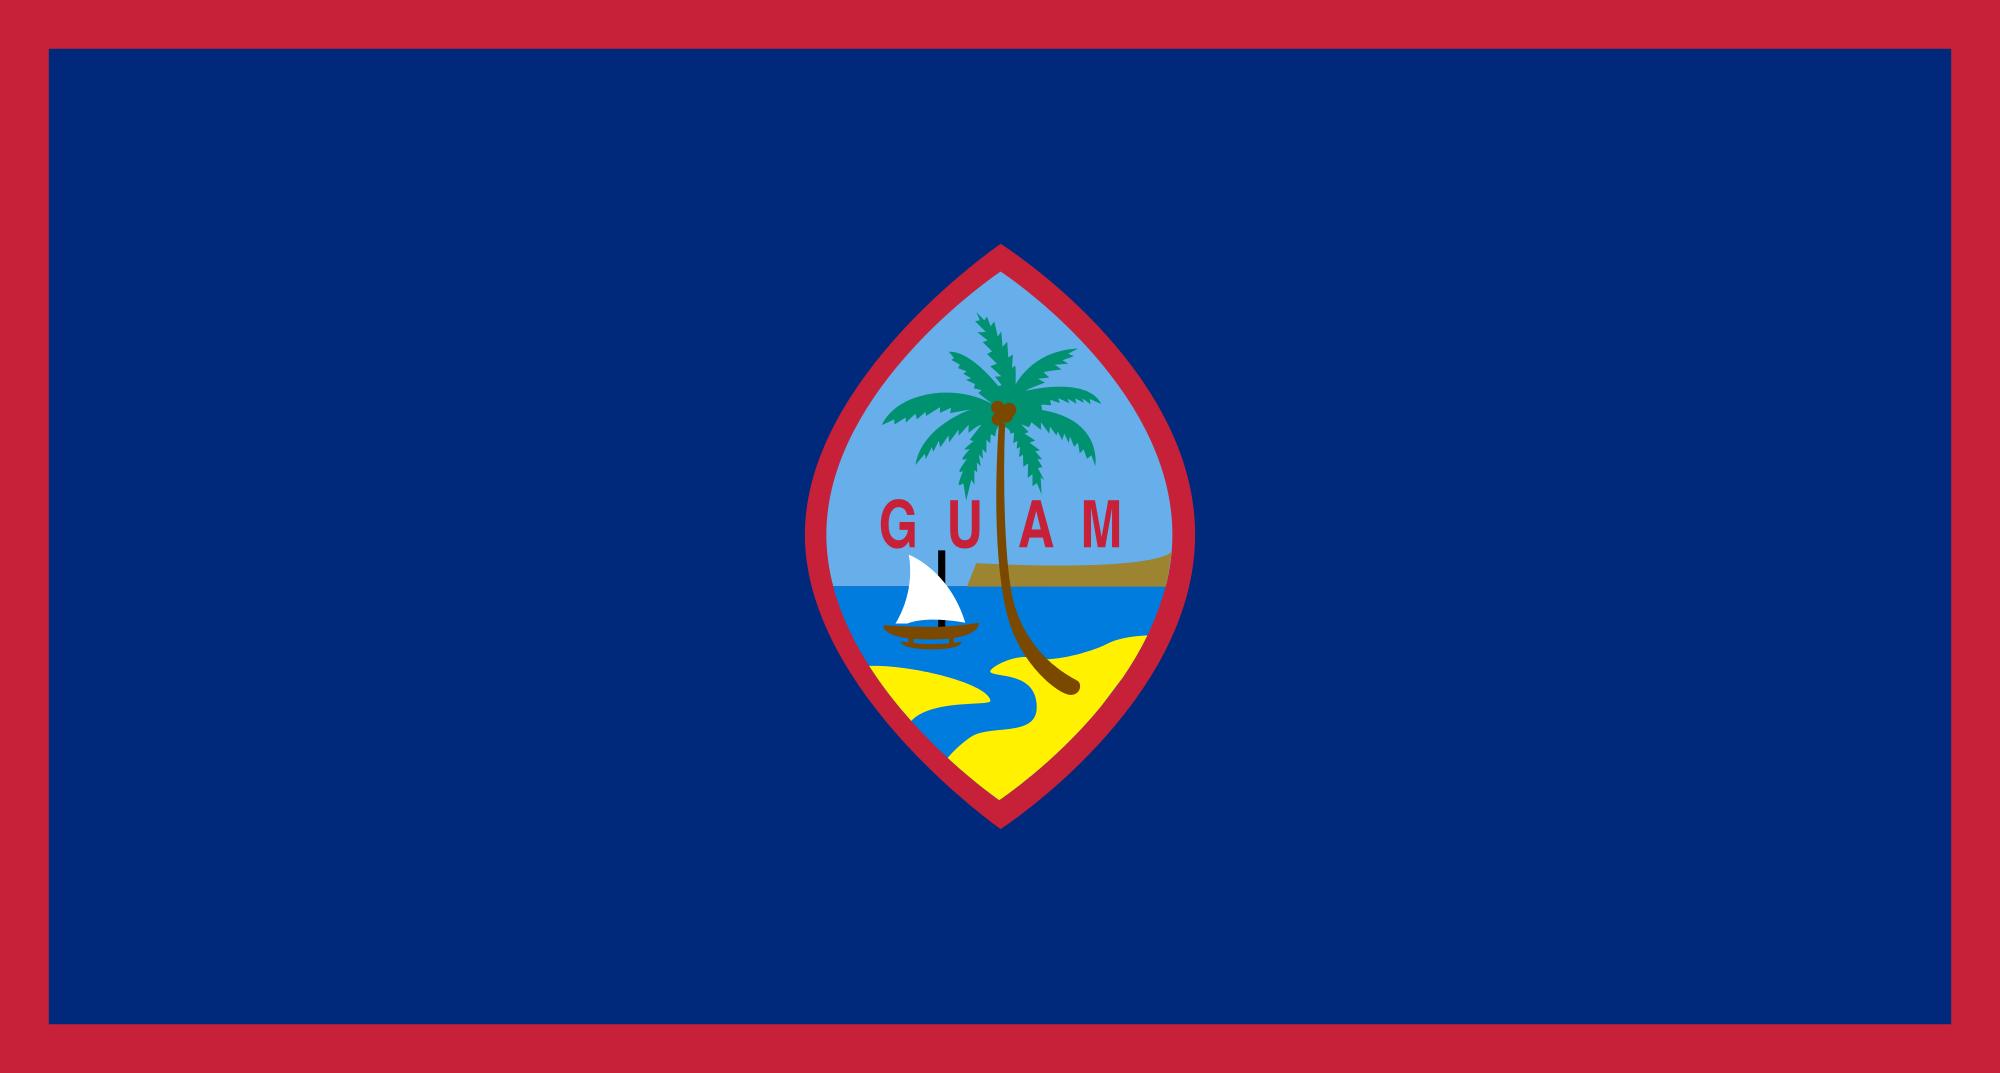 guam, país, emblema, insignia, シンボル - HD の壁紙 - 教授-falken.com